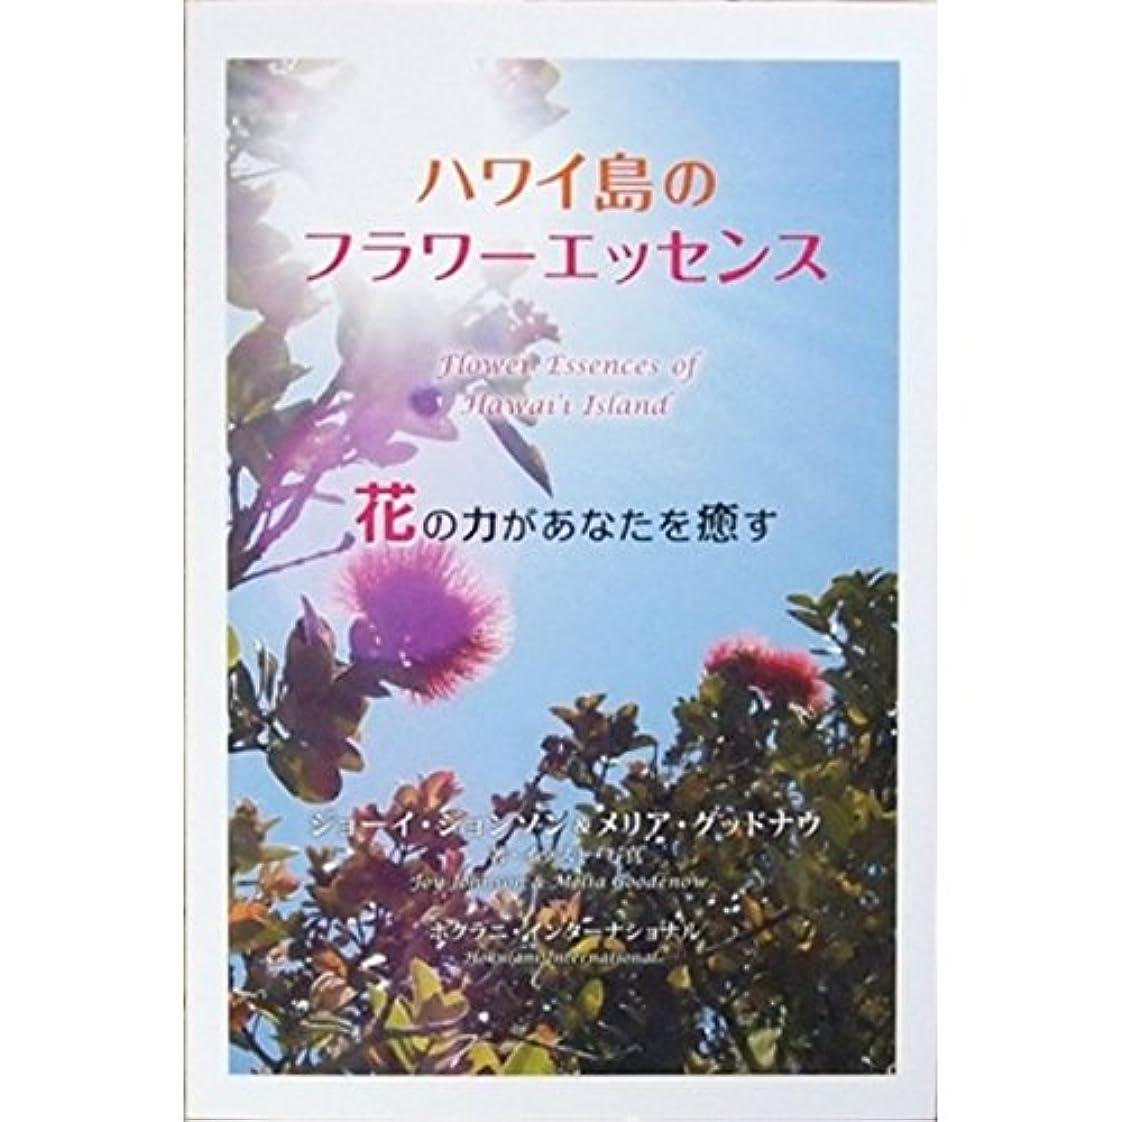 タンク詩組み合わせハワイアン レインフォレスト ナチュラルズ 書籍『ハワイ島のフラワーエッセンス 花の力があなたを癒す』